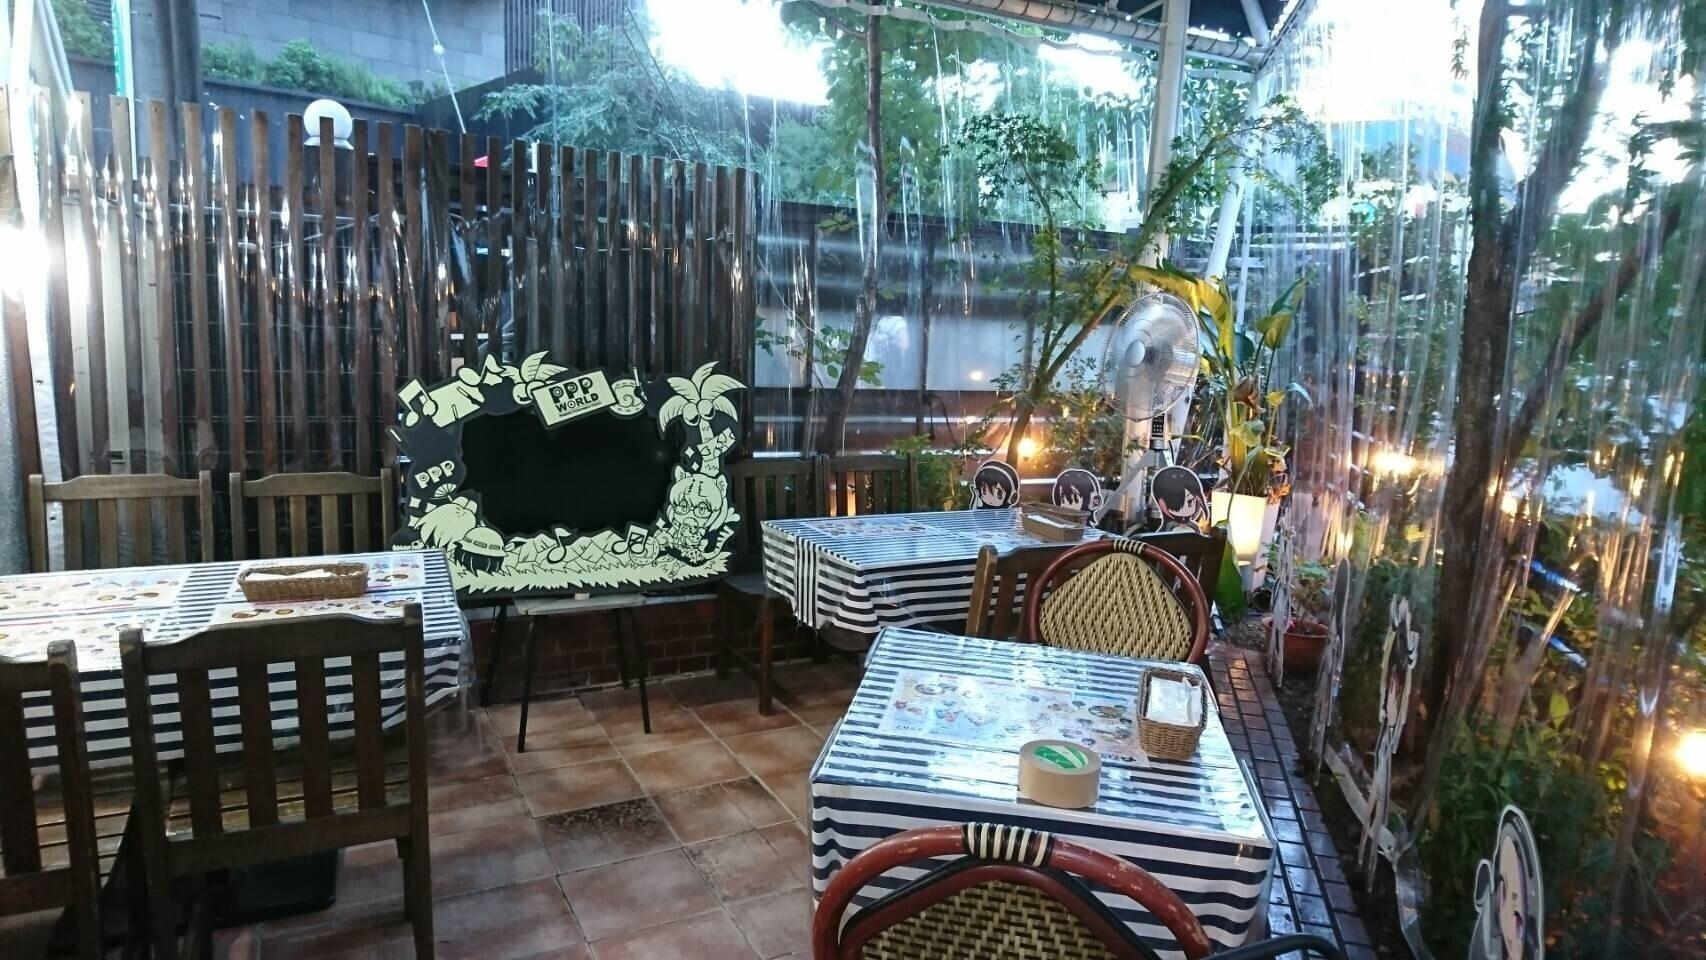 けものフレンズカフェを実施していた店舗の貸し出しです。ファンミ/撮影/期間限定カフェ等(けものフレンズカフェを実施していた店舗の貸し出しです。ファンミ/撮影/期間限定カフェ等) の写真0